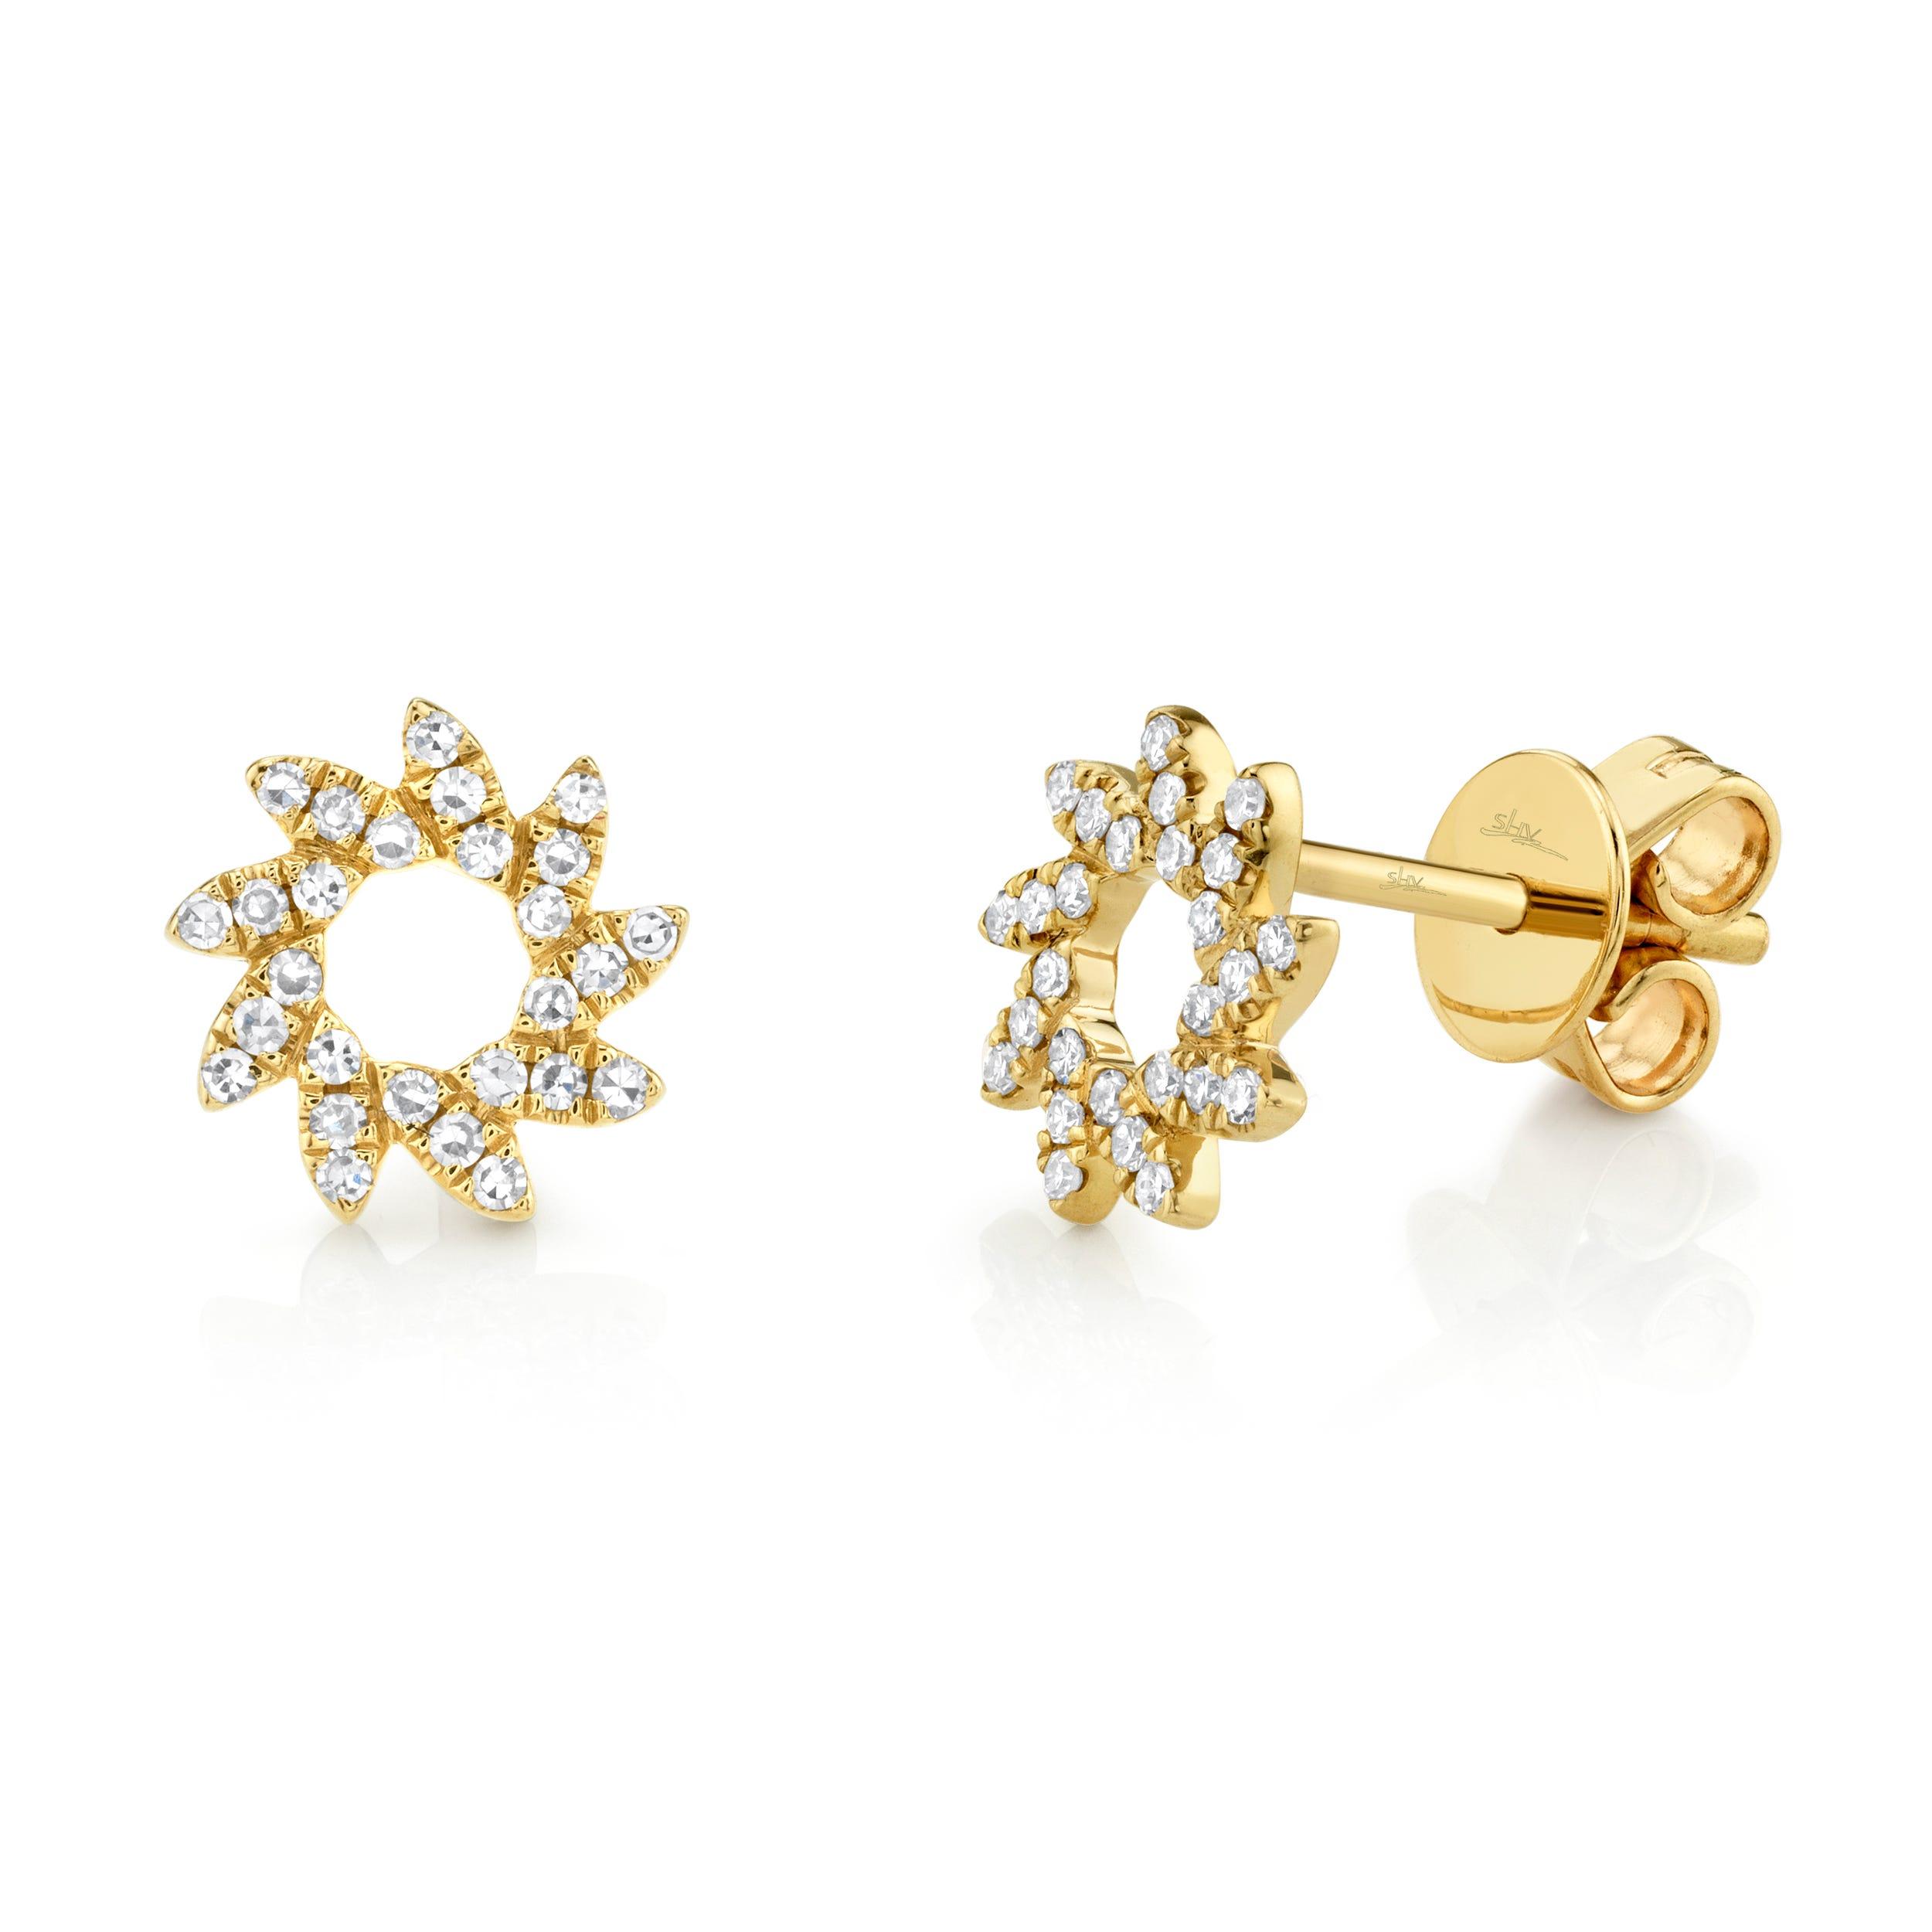 Shy Creation Sunburst Stud Earrings in 14k Yellow Gold